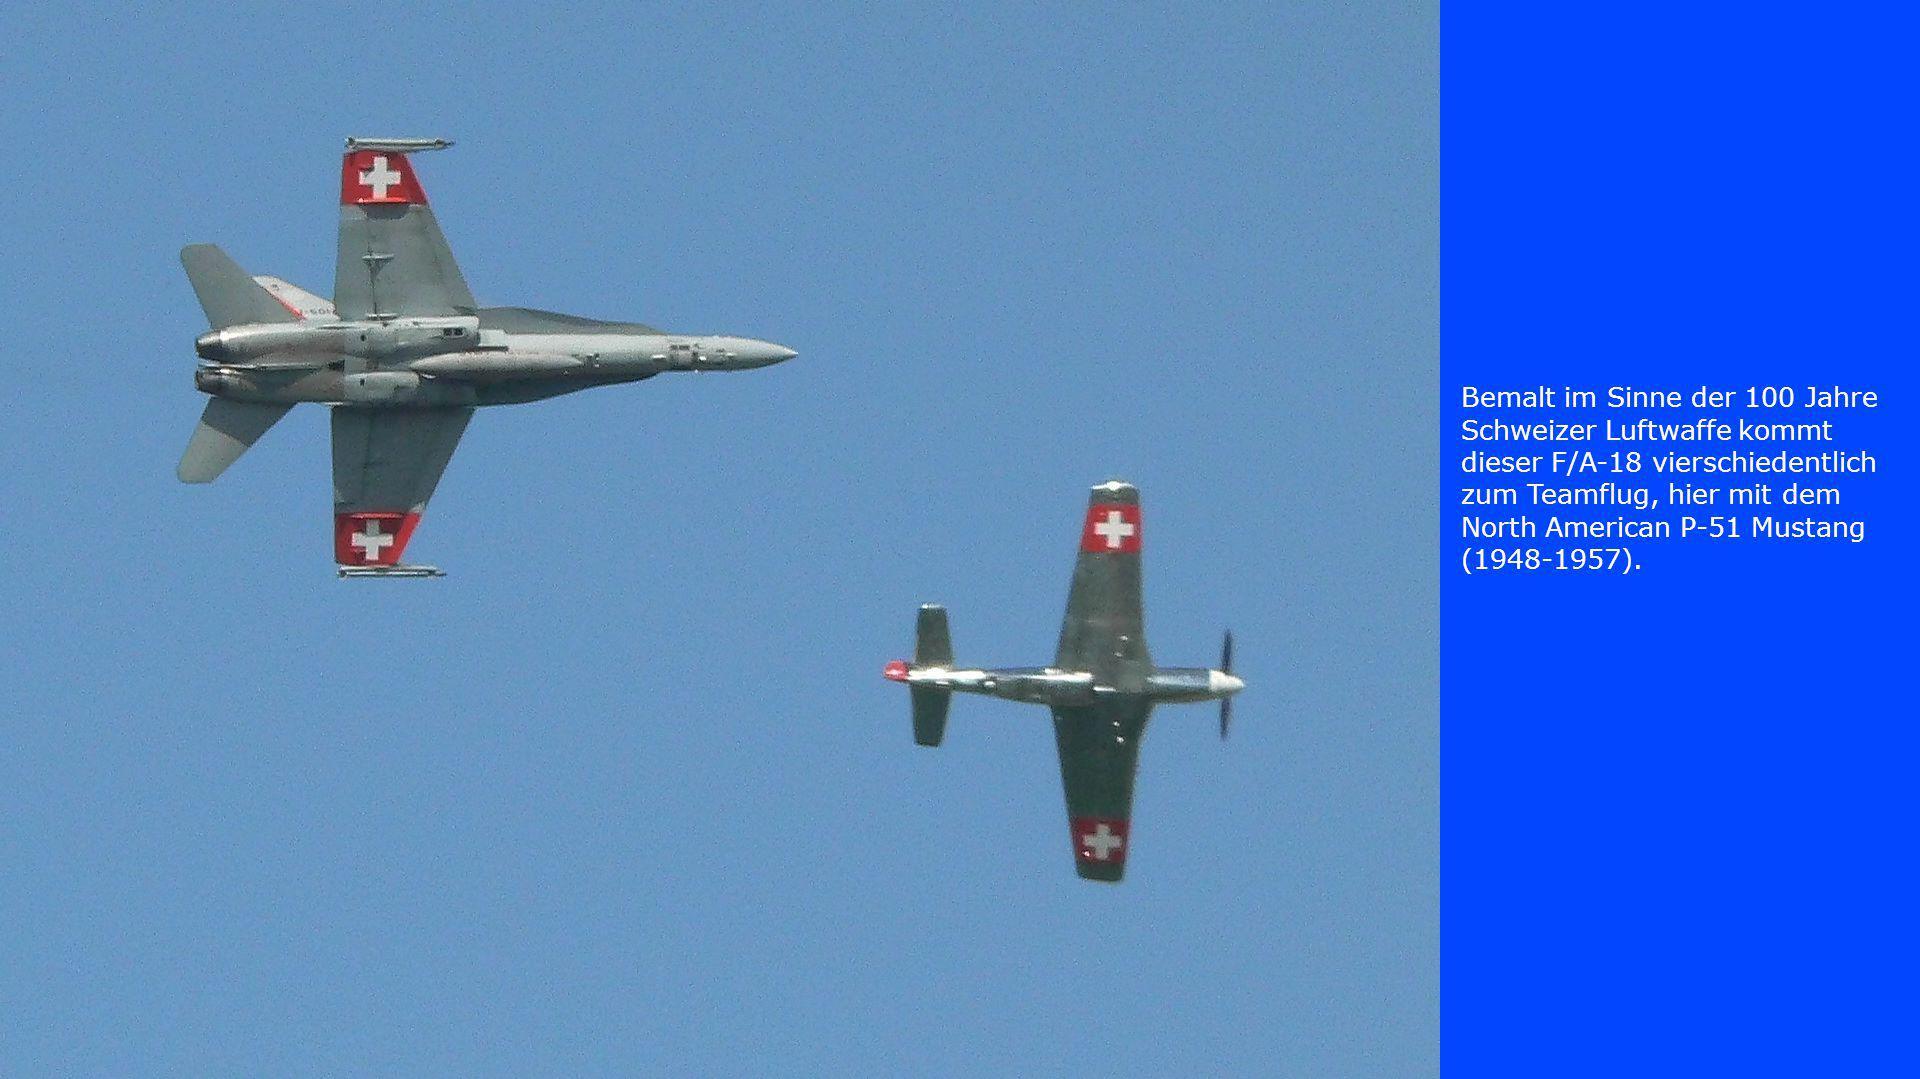 Bemalt im Sinne der 100 Jahre Schweizer Luftwaffe kommt dieser F/A-18 vierschiedentlich zum Teamflug, hier mit dem North American P-51 Mustang (1948-1957).